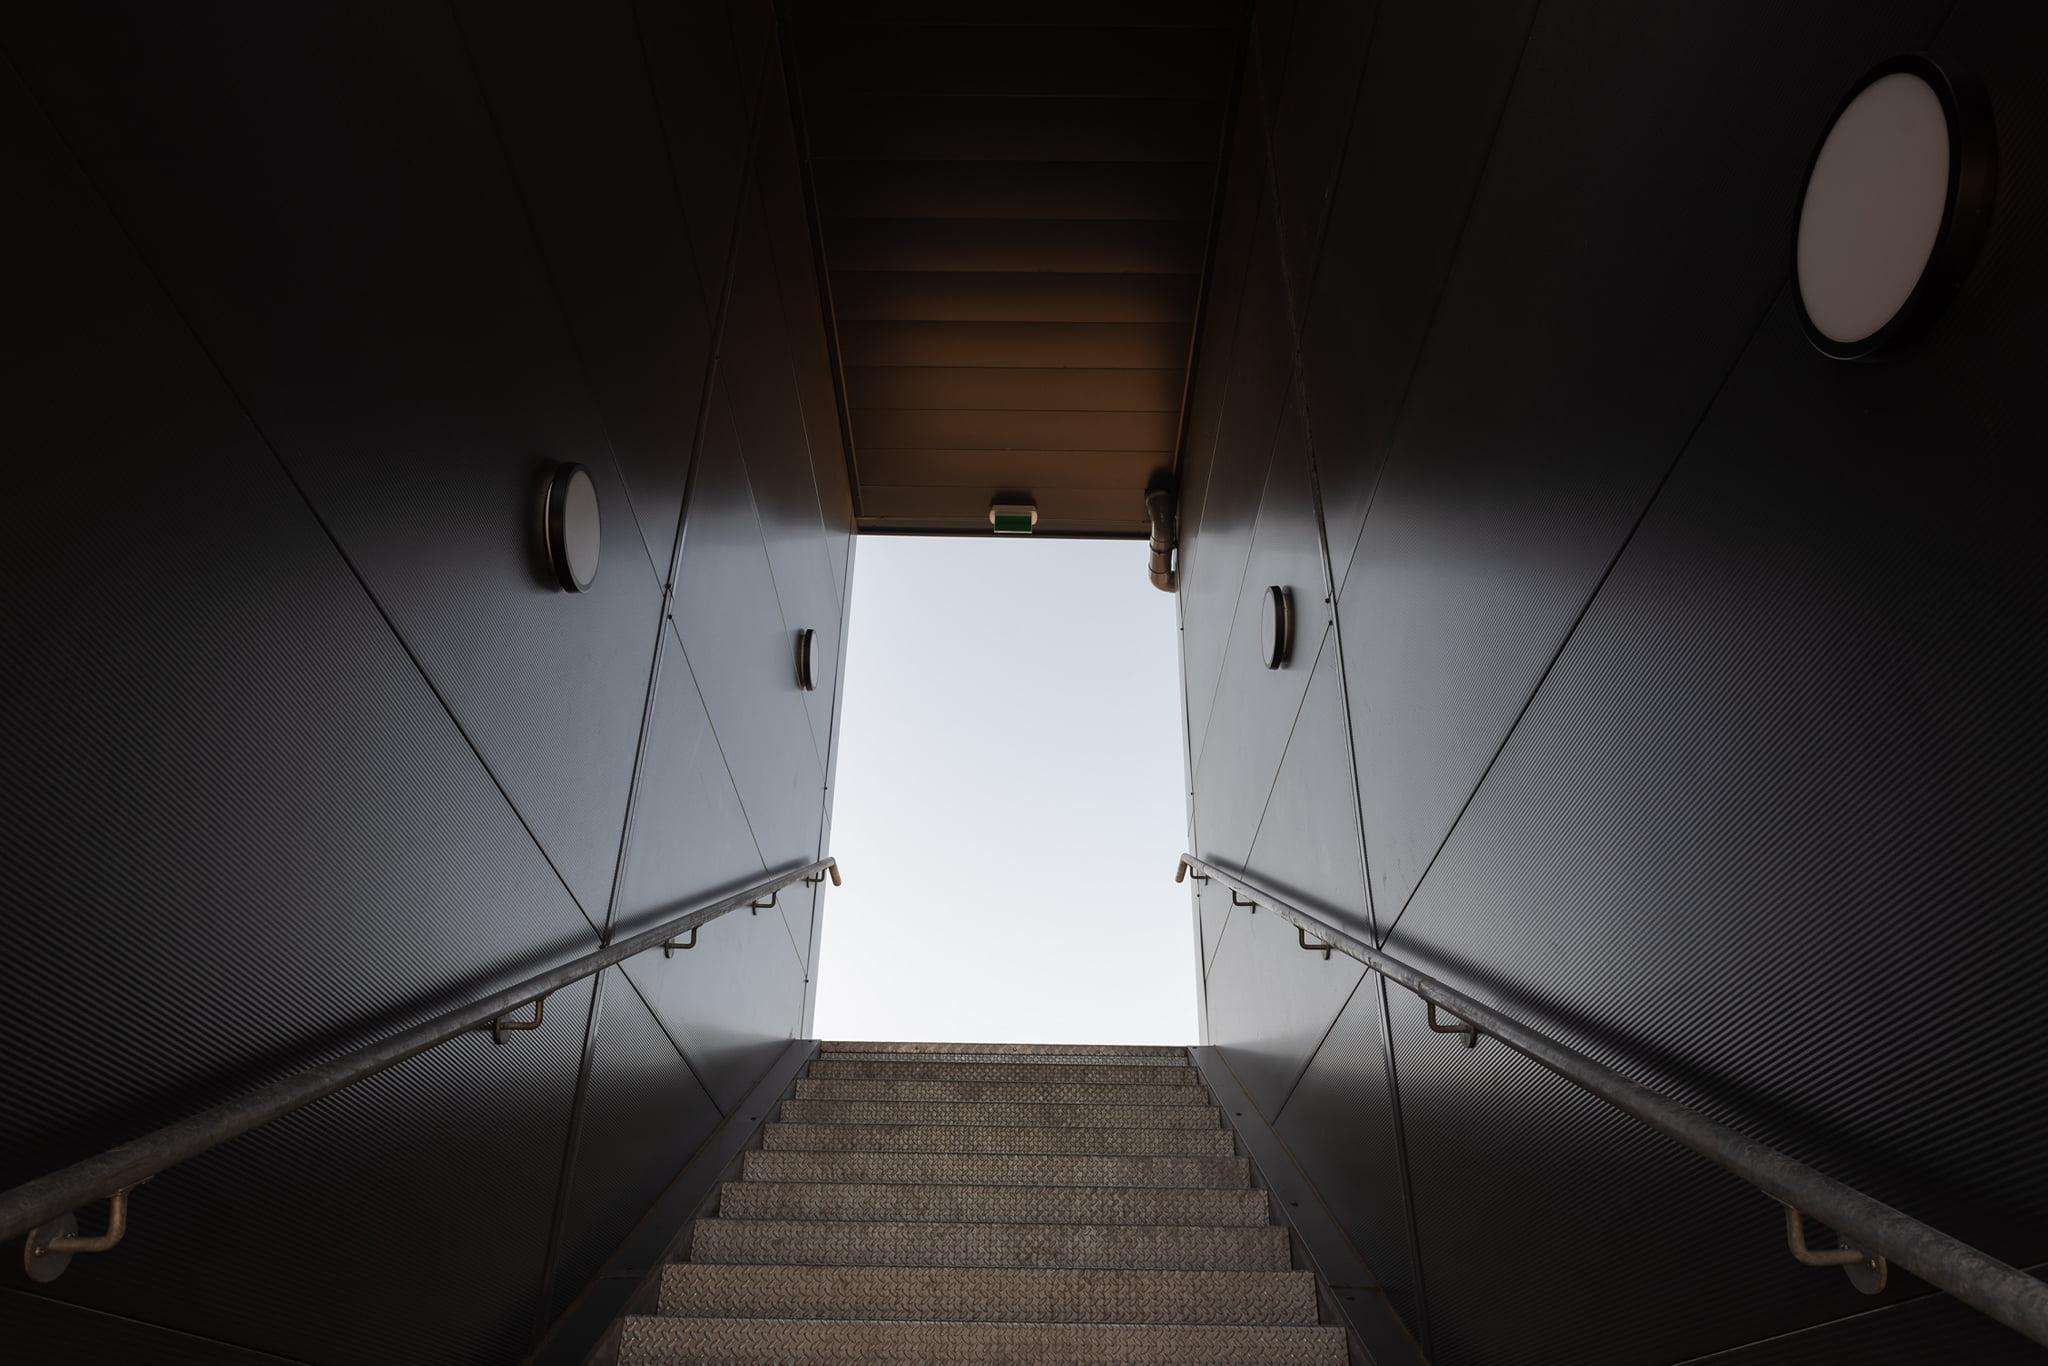 Menuiserie extérieure aluminium Installux Aluminium & Partenaires avec brise soleil orientable #marchal 👉 Garde-corps sur terrasses 👉 Escalier metal thermolaqué, quart tournant à balancement continu intérieur 👉 Portail coulissant motorisé en acier thermolaqué 👉 Portillon d'accès en acier thermolaqué 👉 Clôture en panneaux